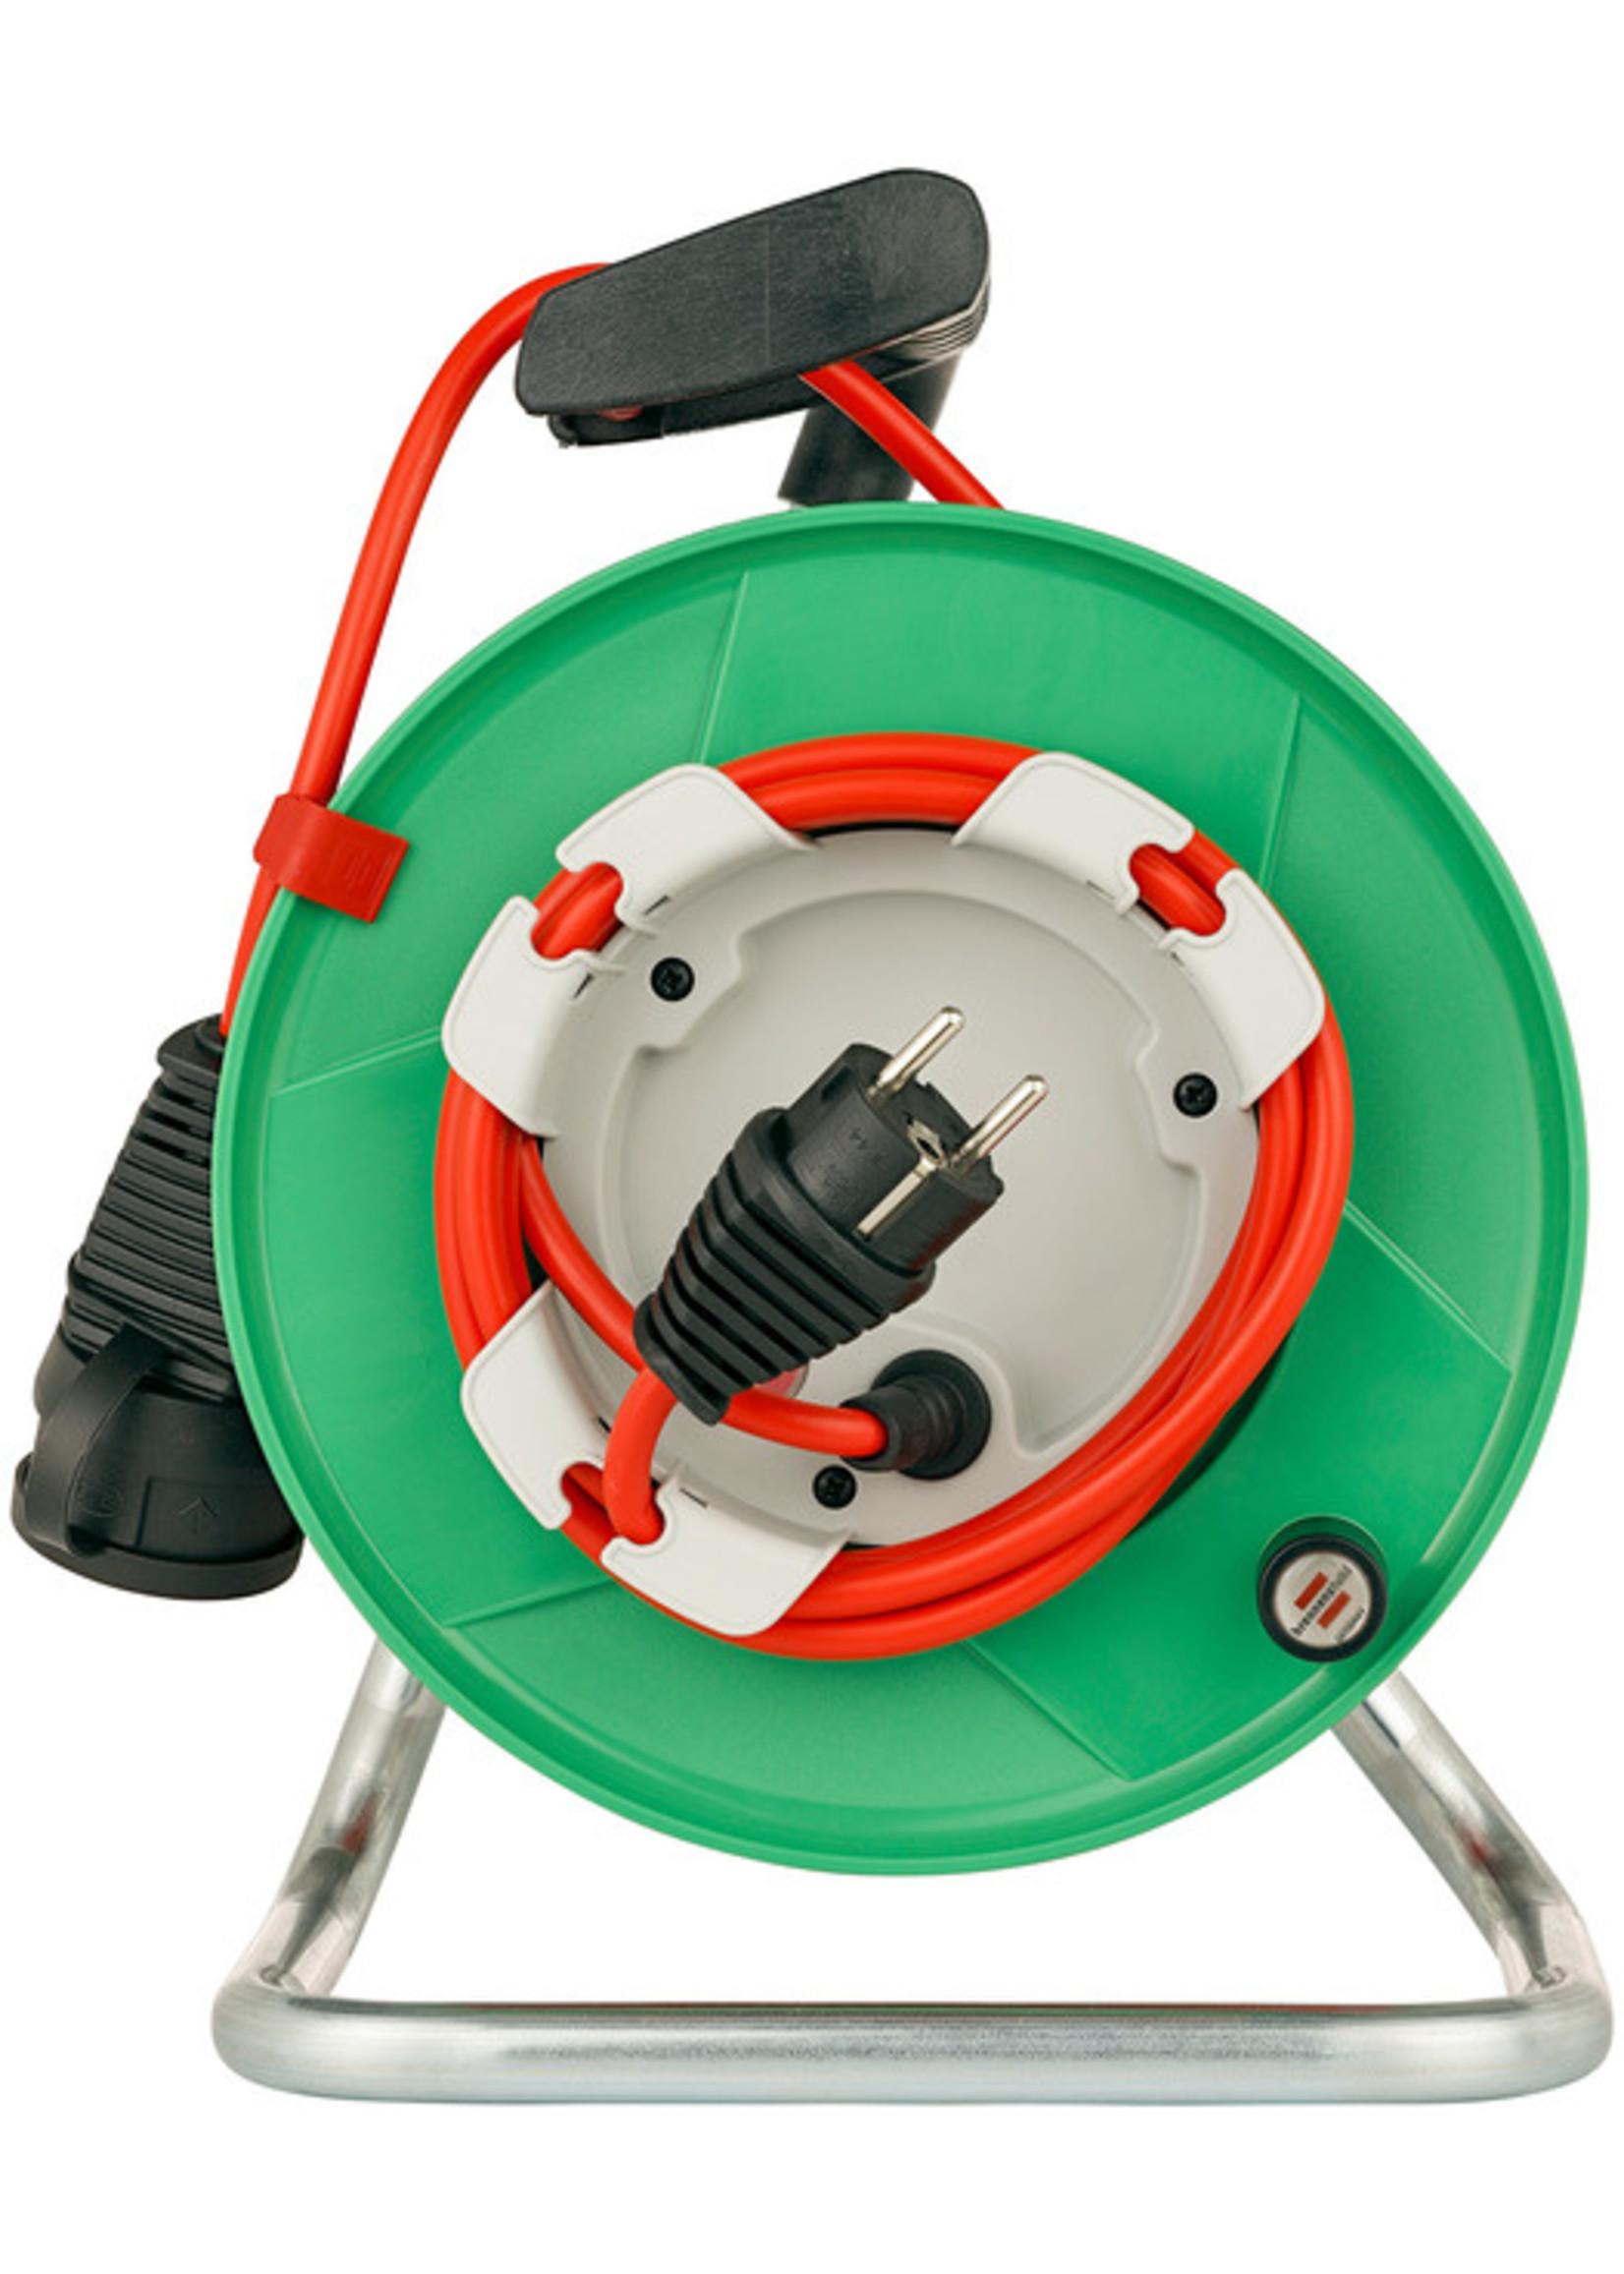 Brennenstuhl Brennenstuhl Garant® G IP 44 Tuinhaspels 23+2m H05VV-F3G1.5